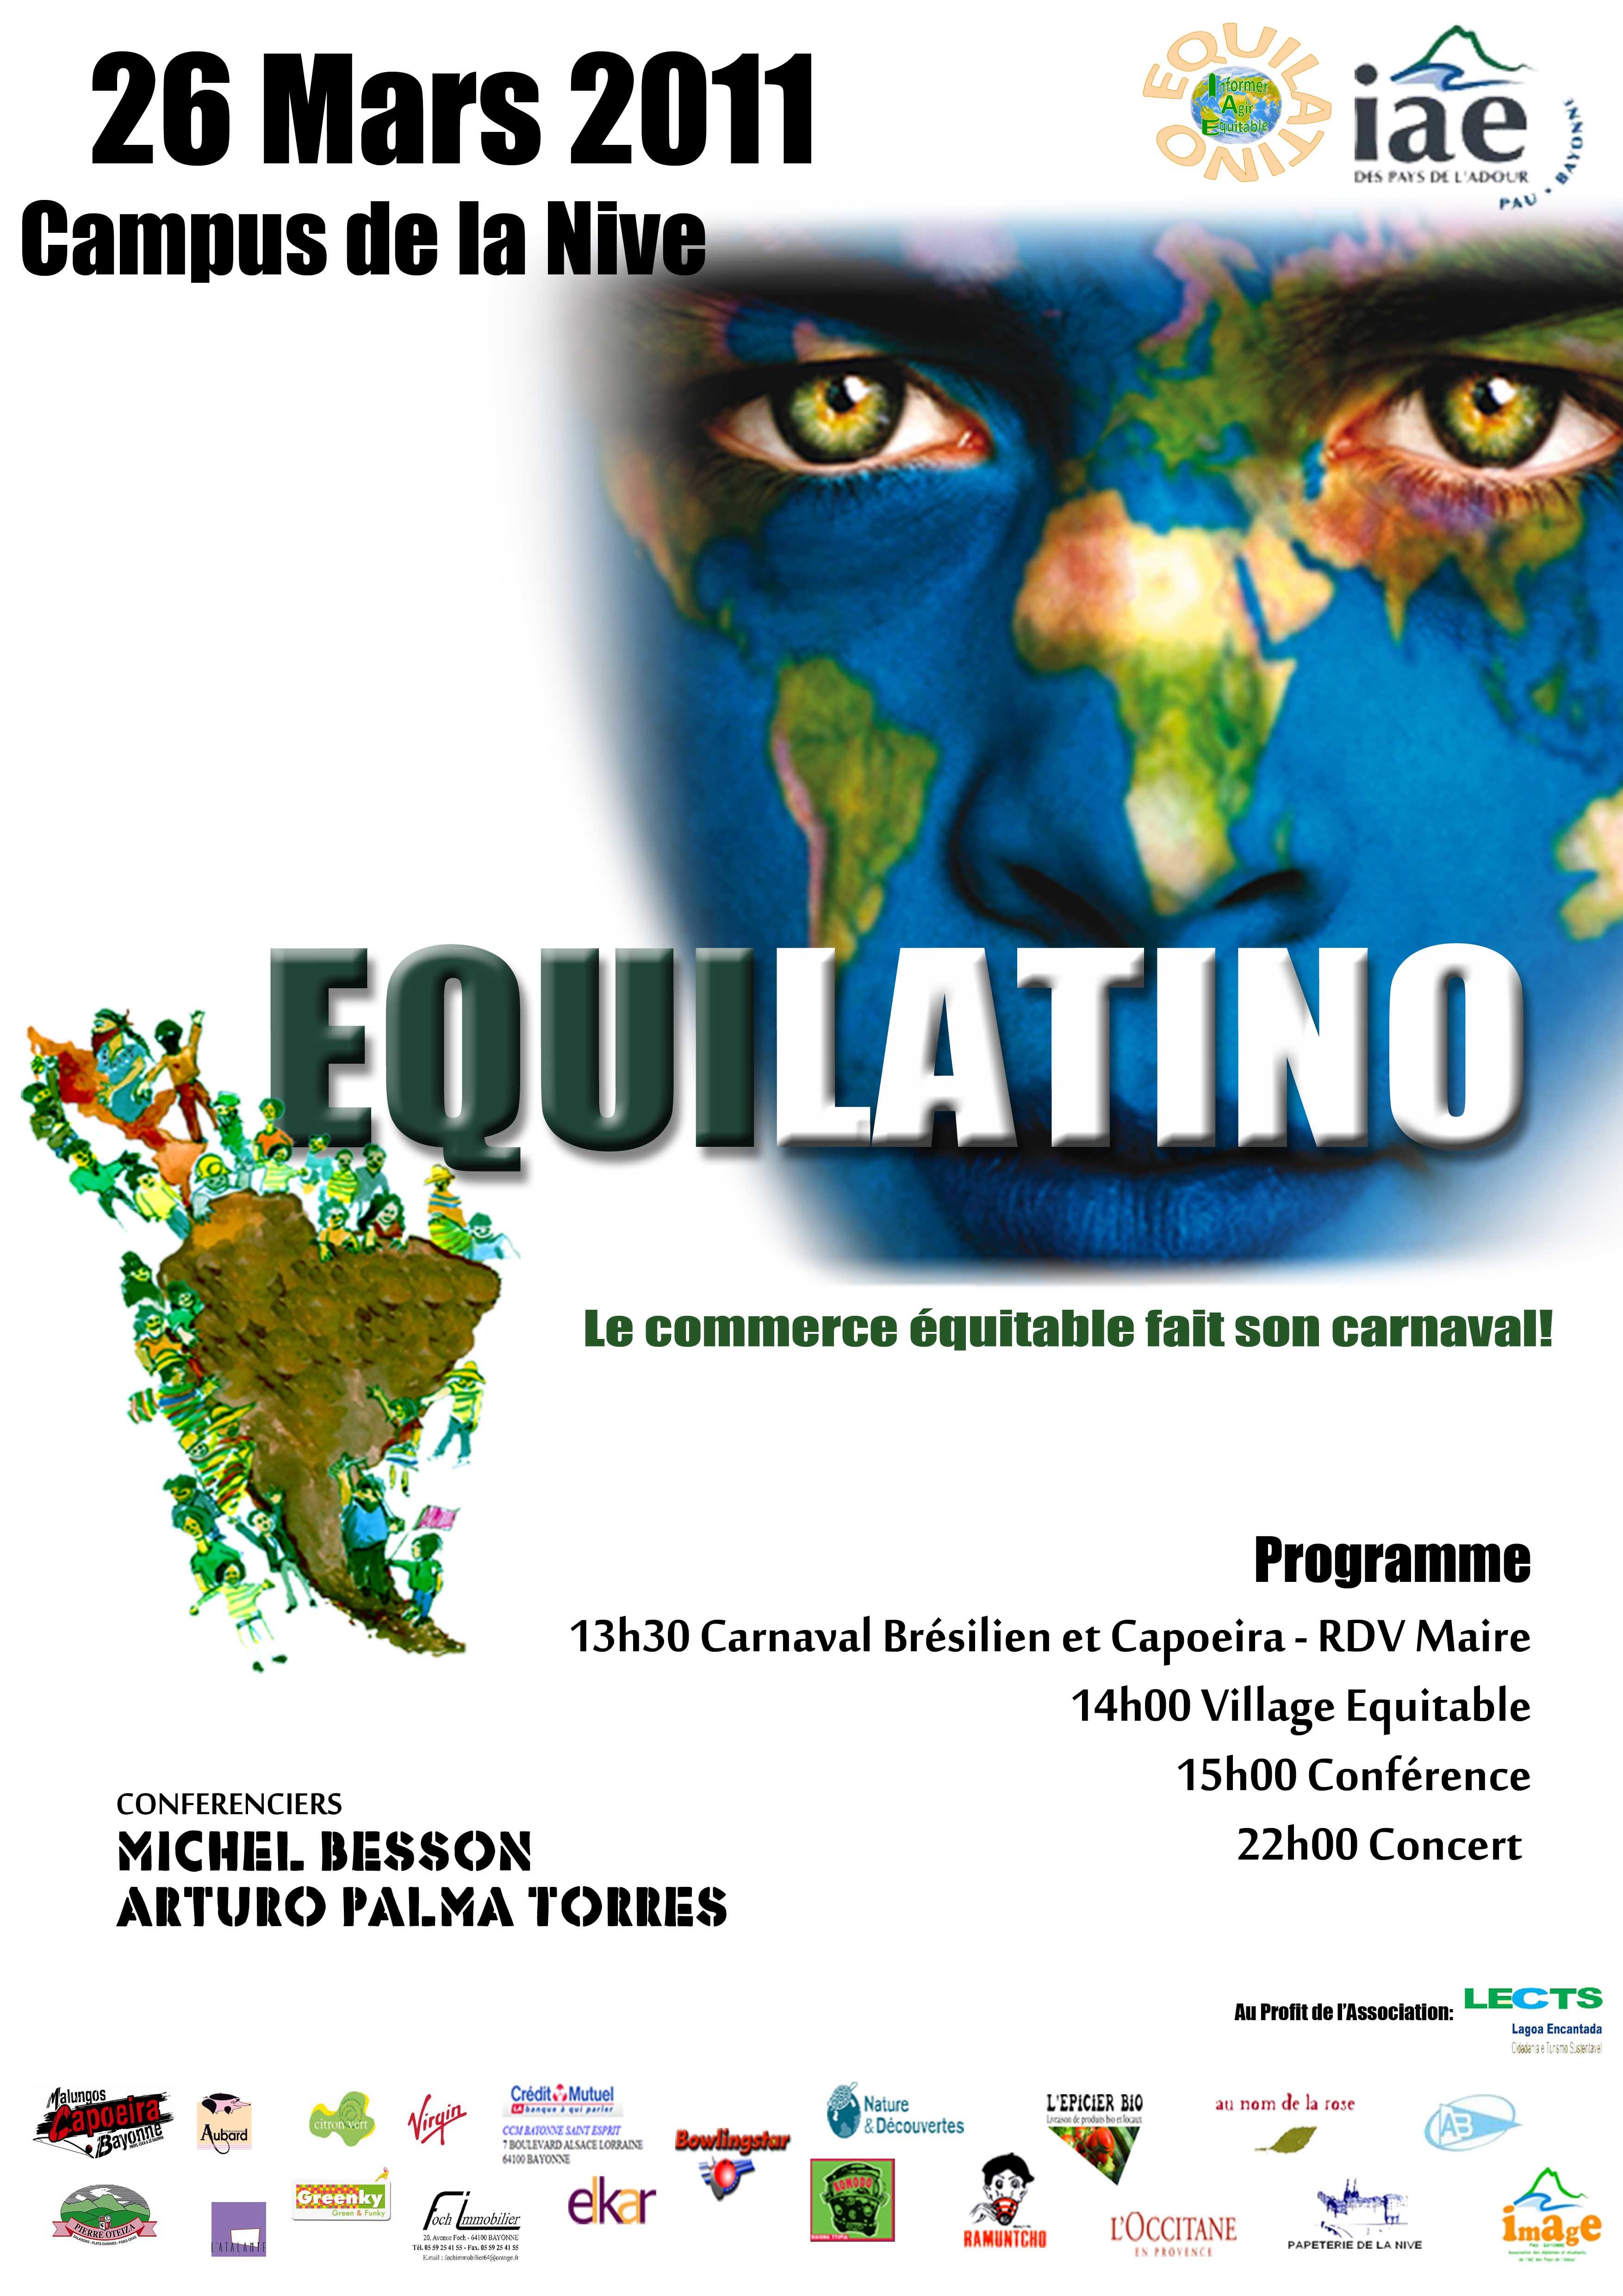 Le Commerce quitable en Amrique Latine : facteur de paix